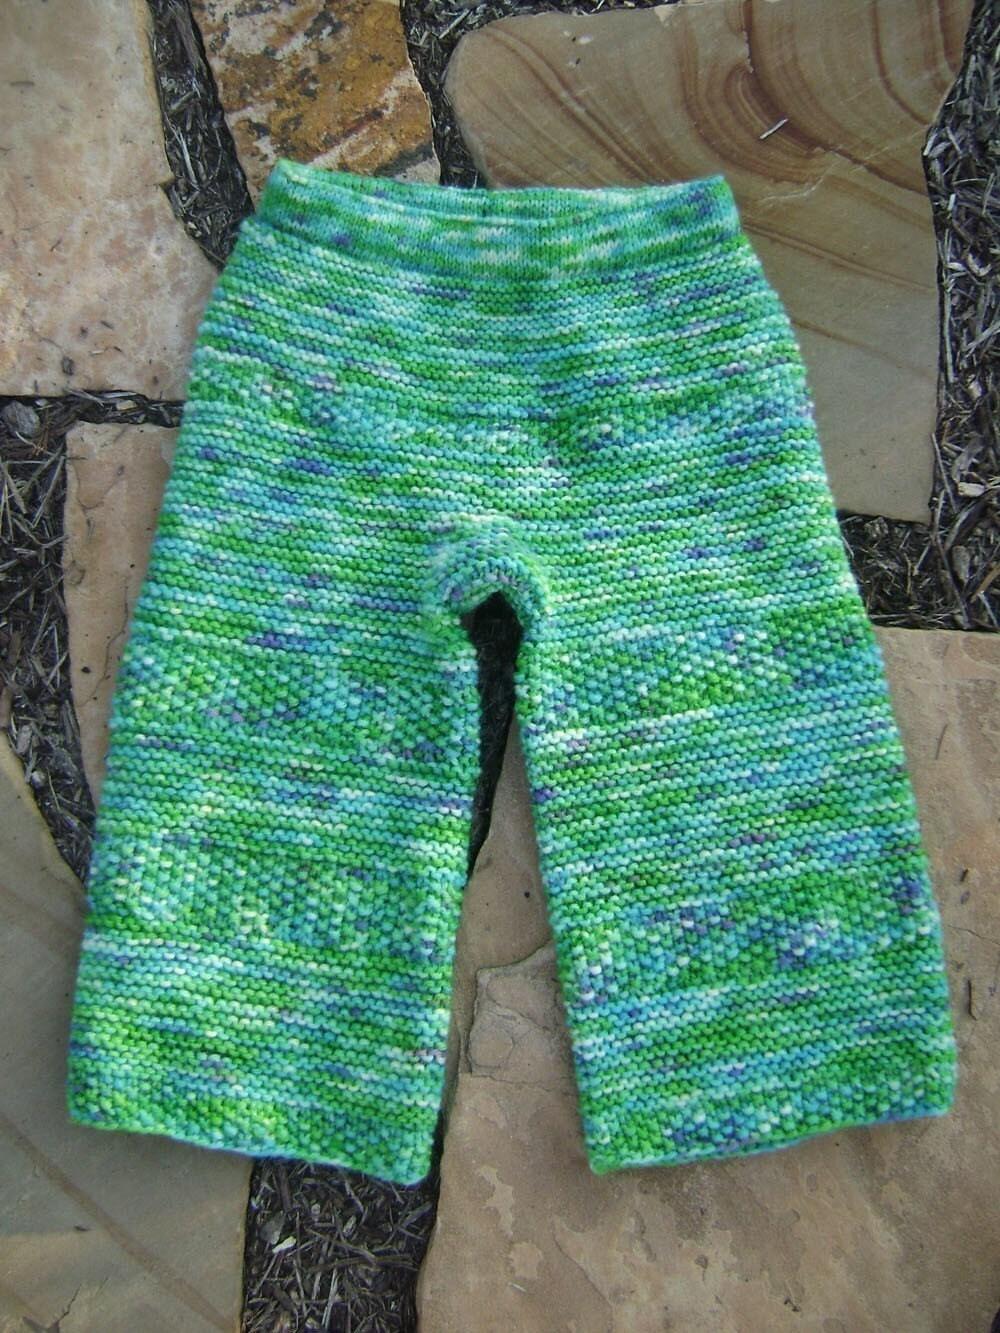 Knitting Pattern Says No Stitch : Cushy knitting pattern for GARTER STITCH by daisyheadcreations